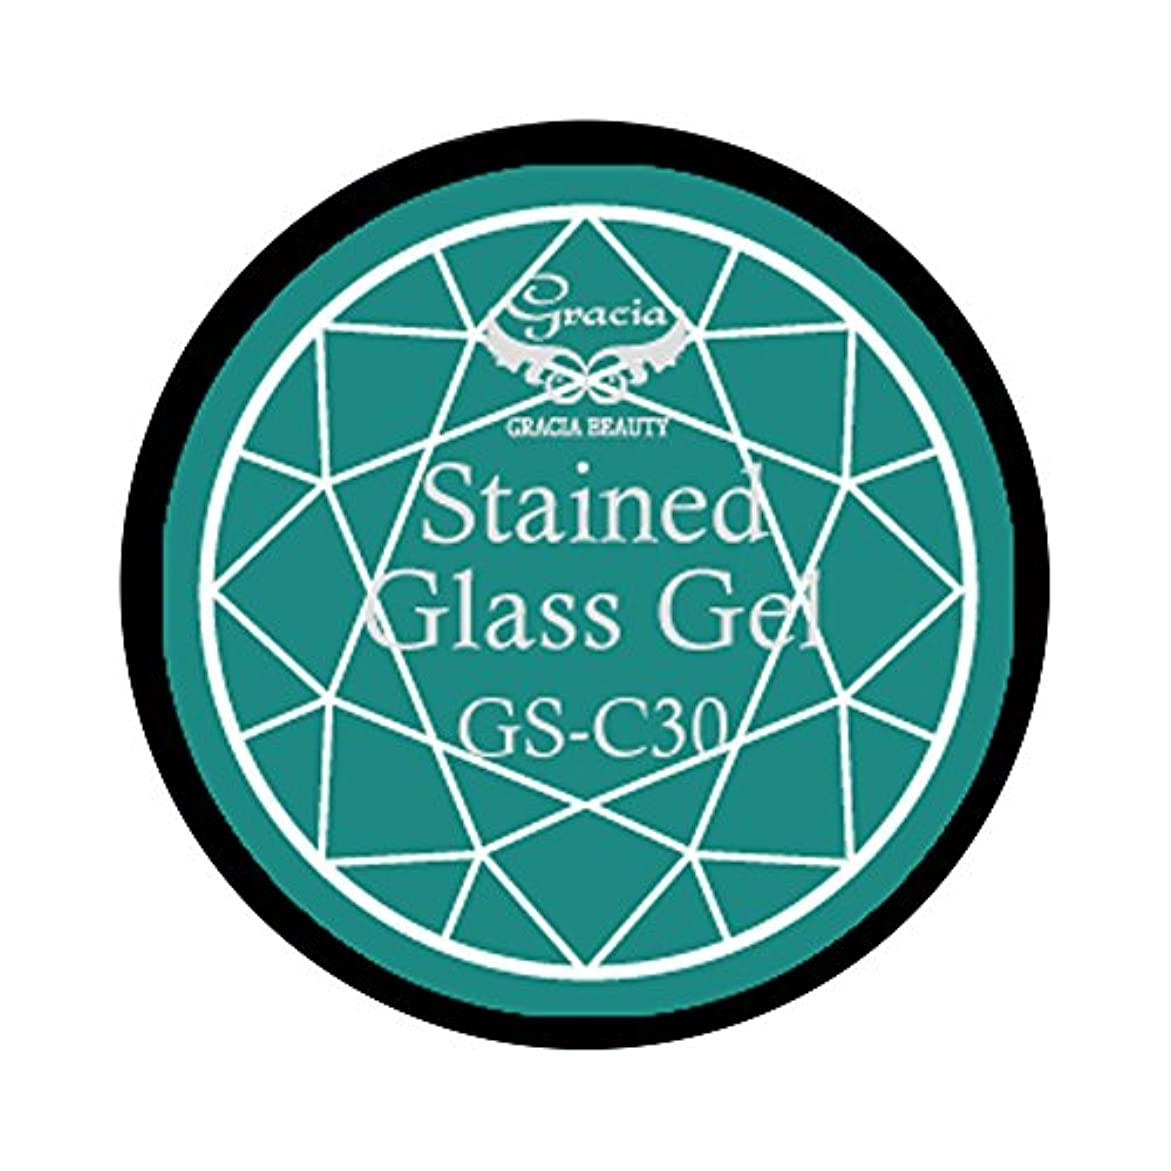 グラシア ジェルネイル ステンドグラスジェル GSM-C30 3g  クリア UV/LED対応 カラージェル ソークオフジェル ガラスのような透明感